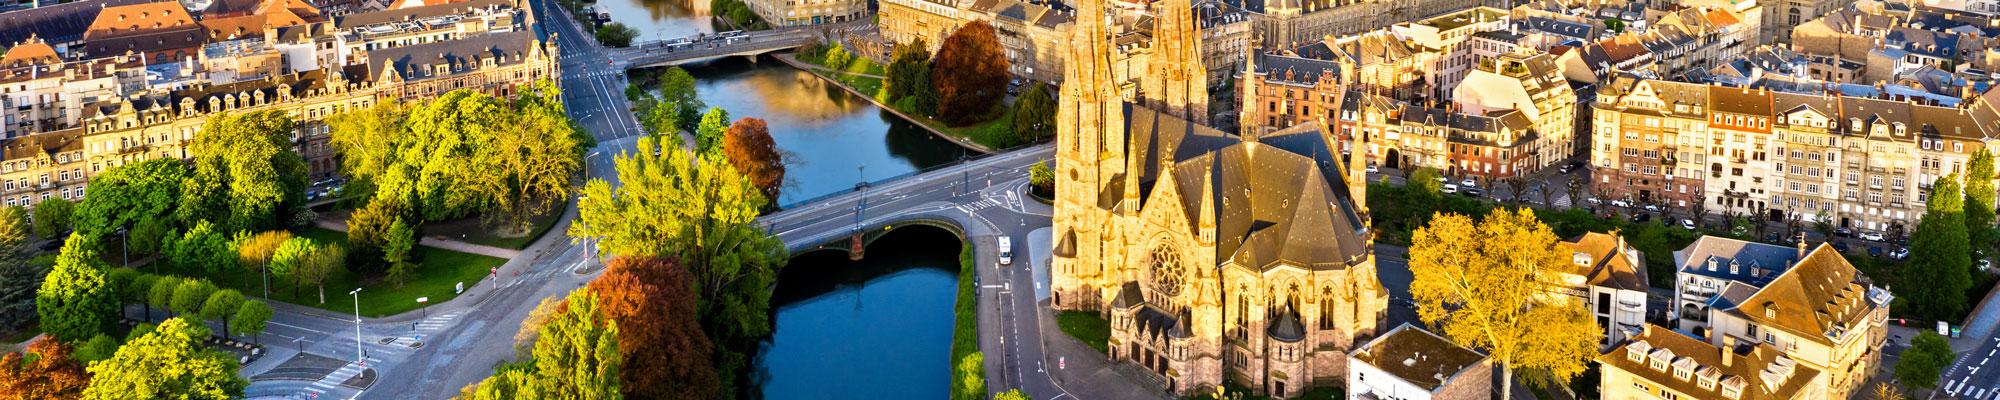 Ecole de commerce à Strasbourg